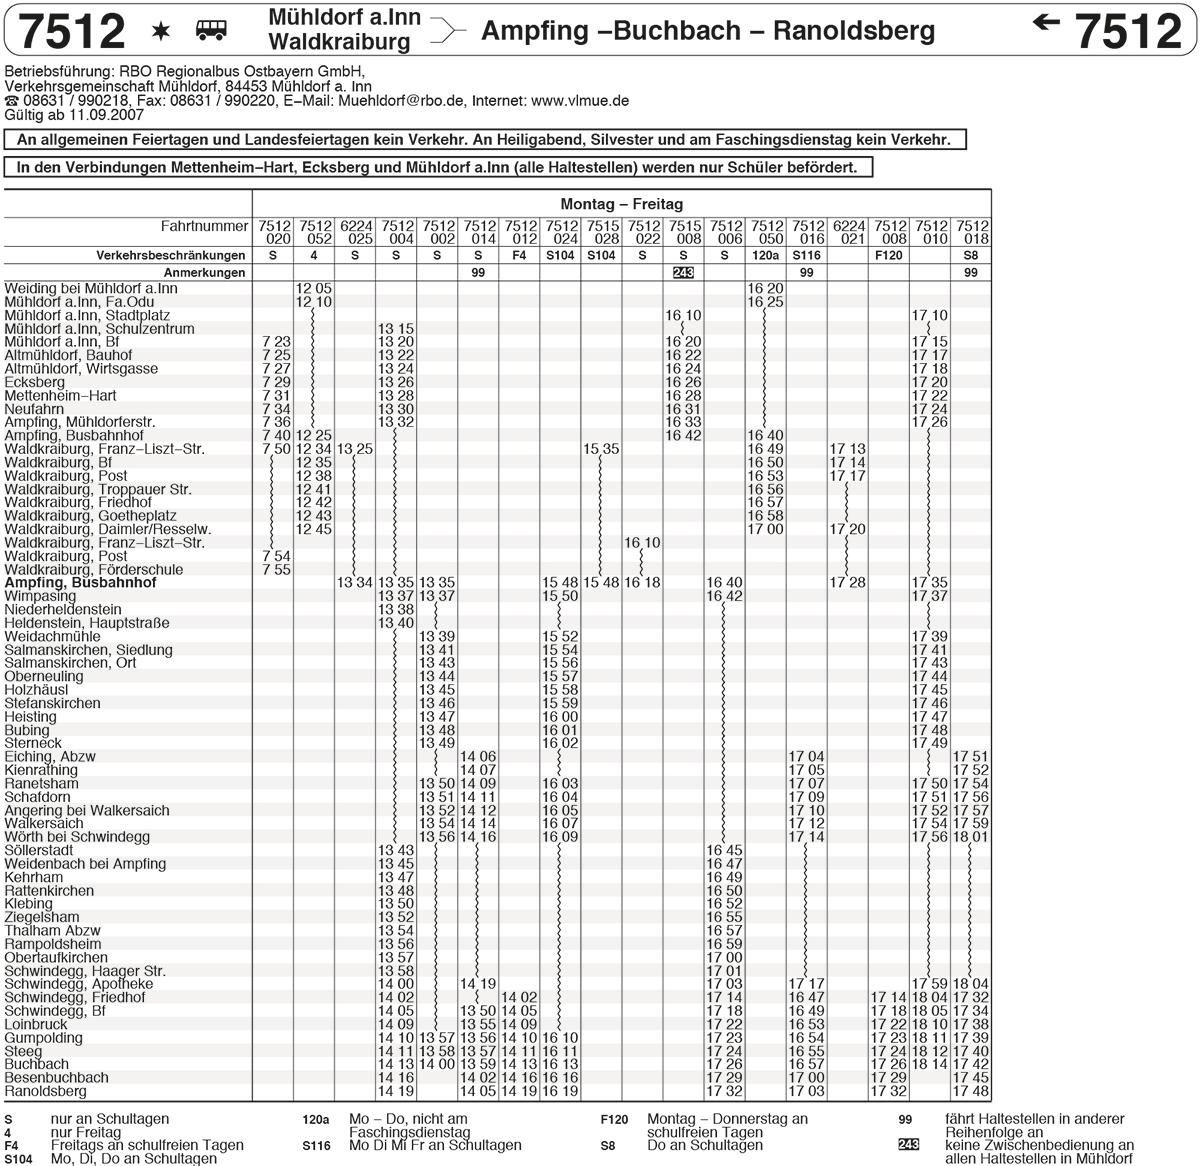 klein_sturz_linienverkehr_Fahrplan 7512 Ranoldsberg - Buchbach - Ampfing_2